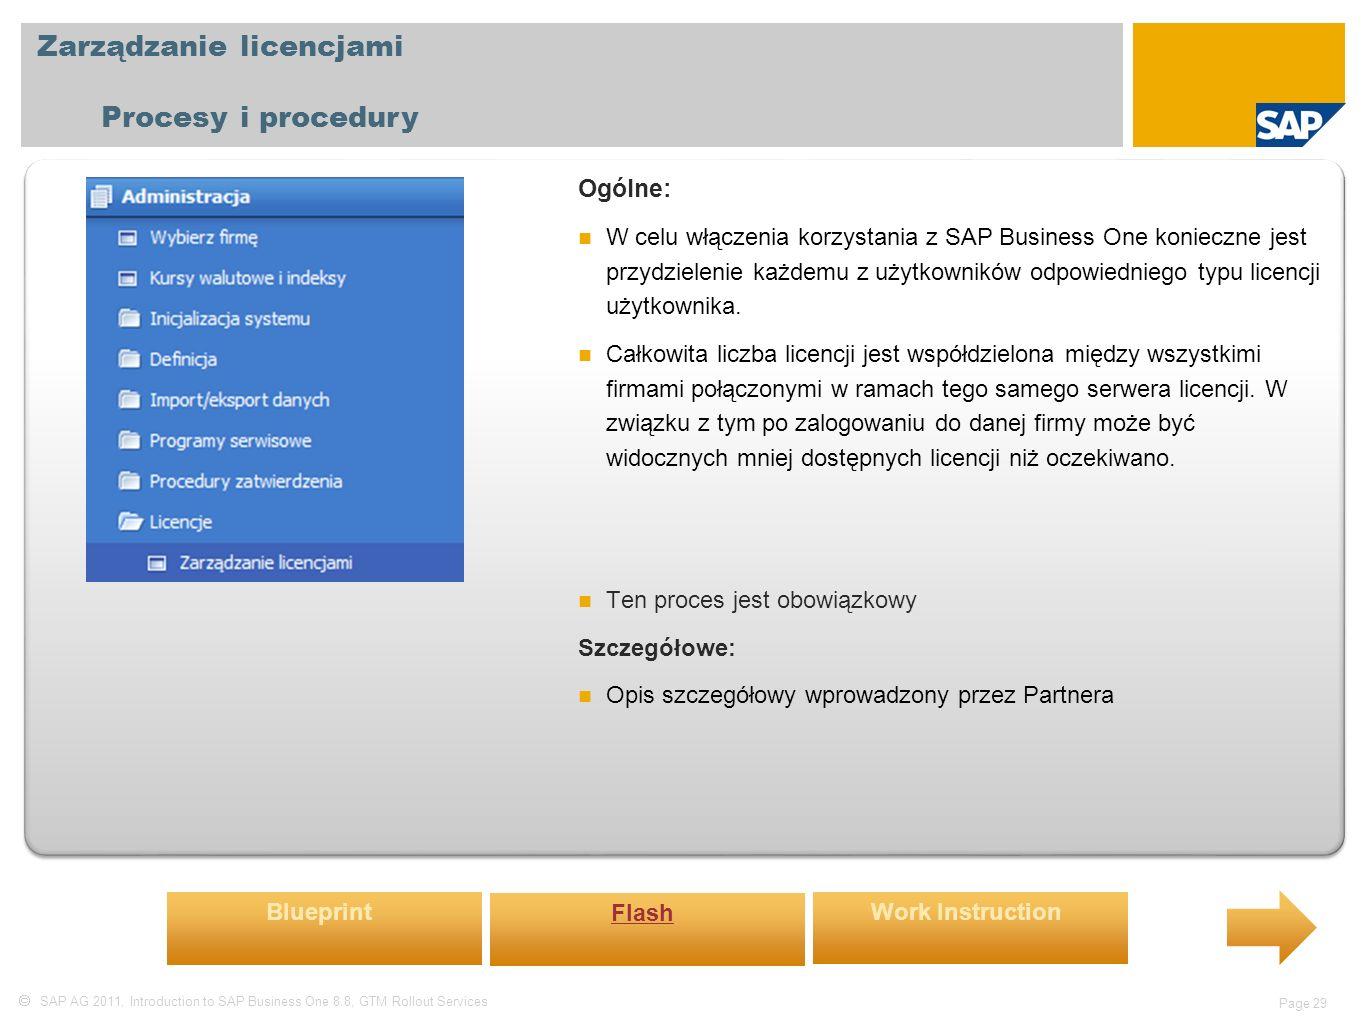  SAP AG 2011, Introduction to SAP Business One 8.8, GTM Rollout Services Page 29 Zarządzanie licencjami Procesy i procedury Ogólne: W celu włączenia korzystania z SAP Business One konieczne jest przydzielenie każdemu z użytkowników odpowiedniego typu licencji użytkownika.